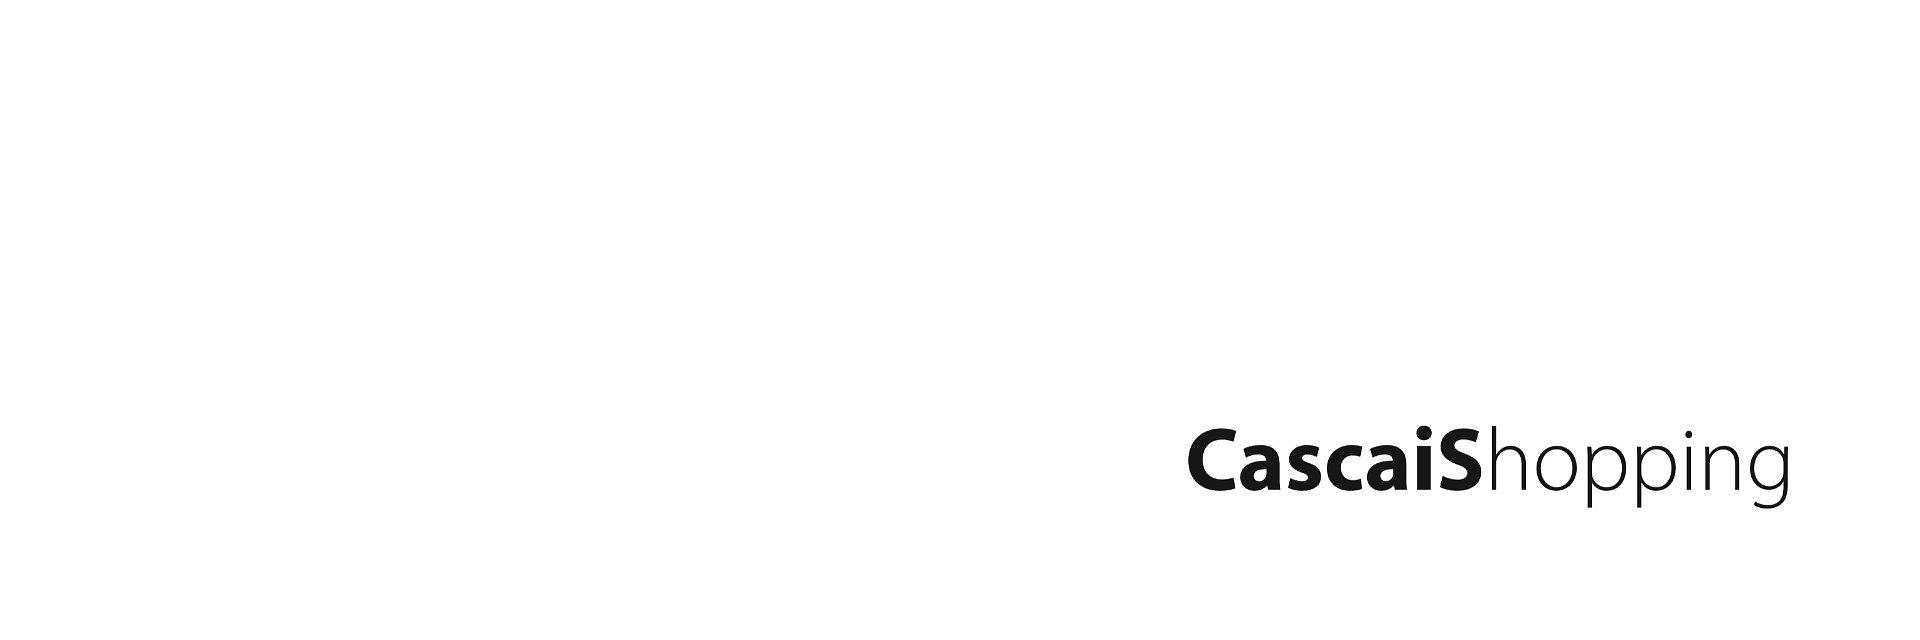 CascaiShopping aposta em novas lojas e remodelações